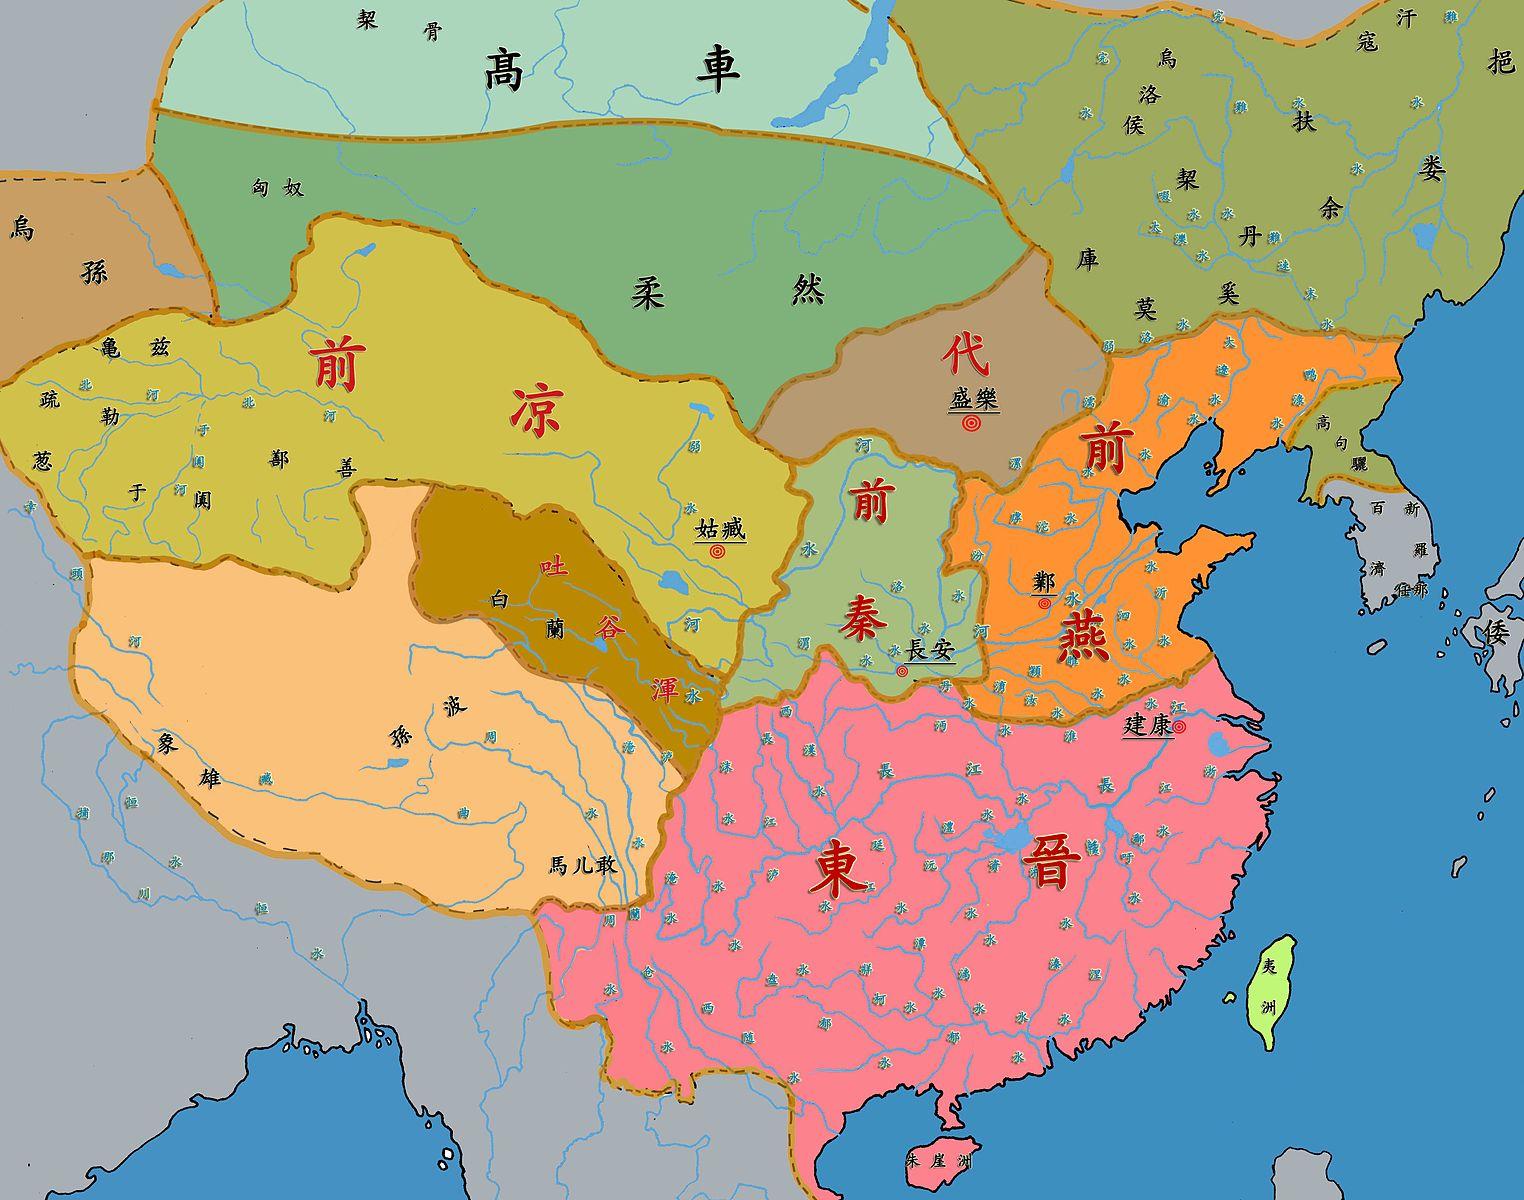 图 1: 前凉领土范围。图中代国即为后来的北魏